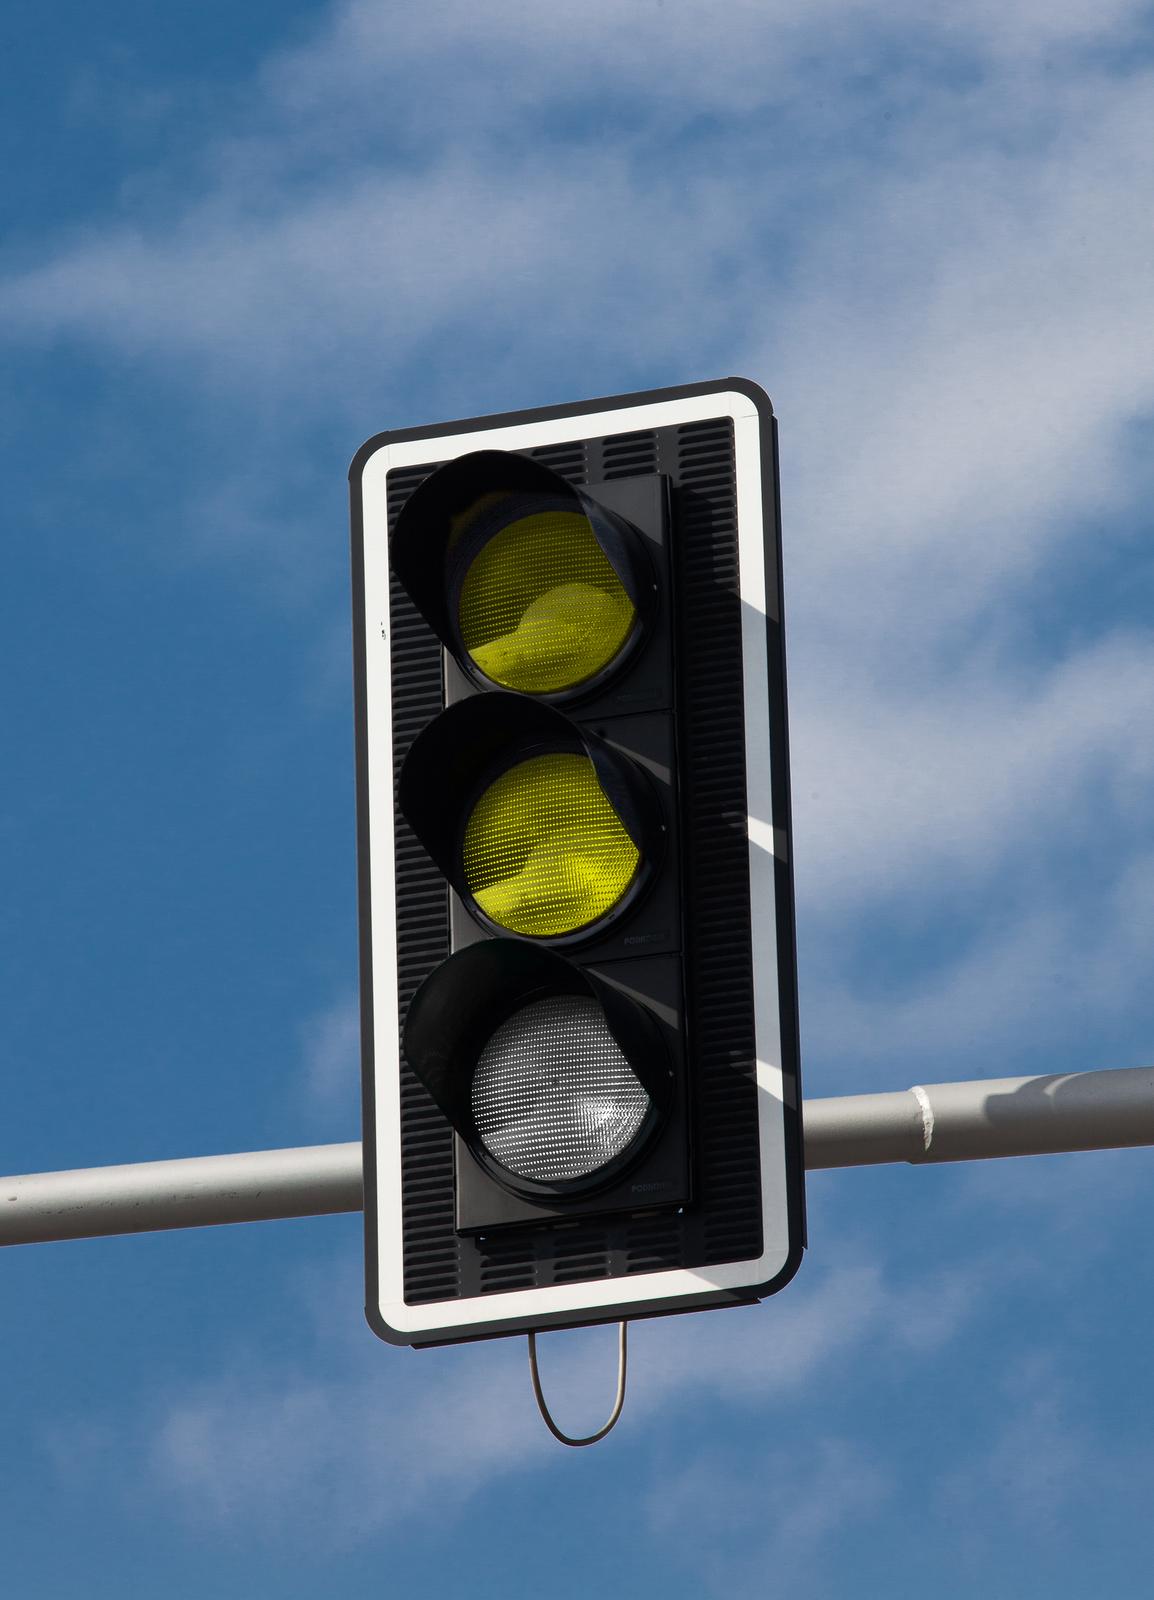 Zdjęcie 2: Światła uliczne - dwa żółte